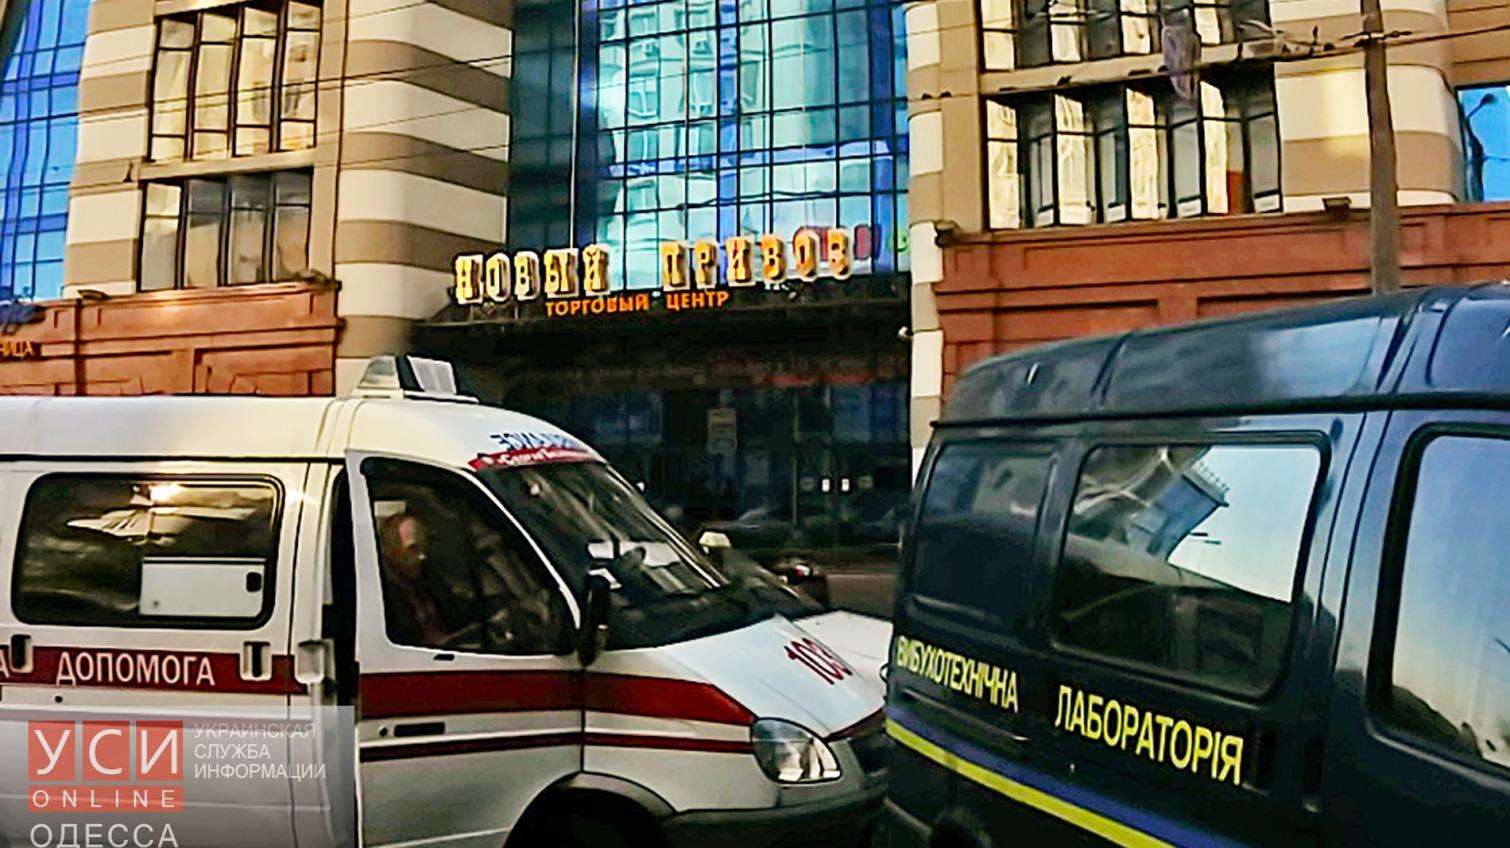 Телефонные хулиганы продолжают терроризировать Одессу — взрывчатку ищут в мэрии и в еще двух бизнес-центрах «фото»